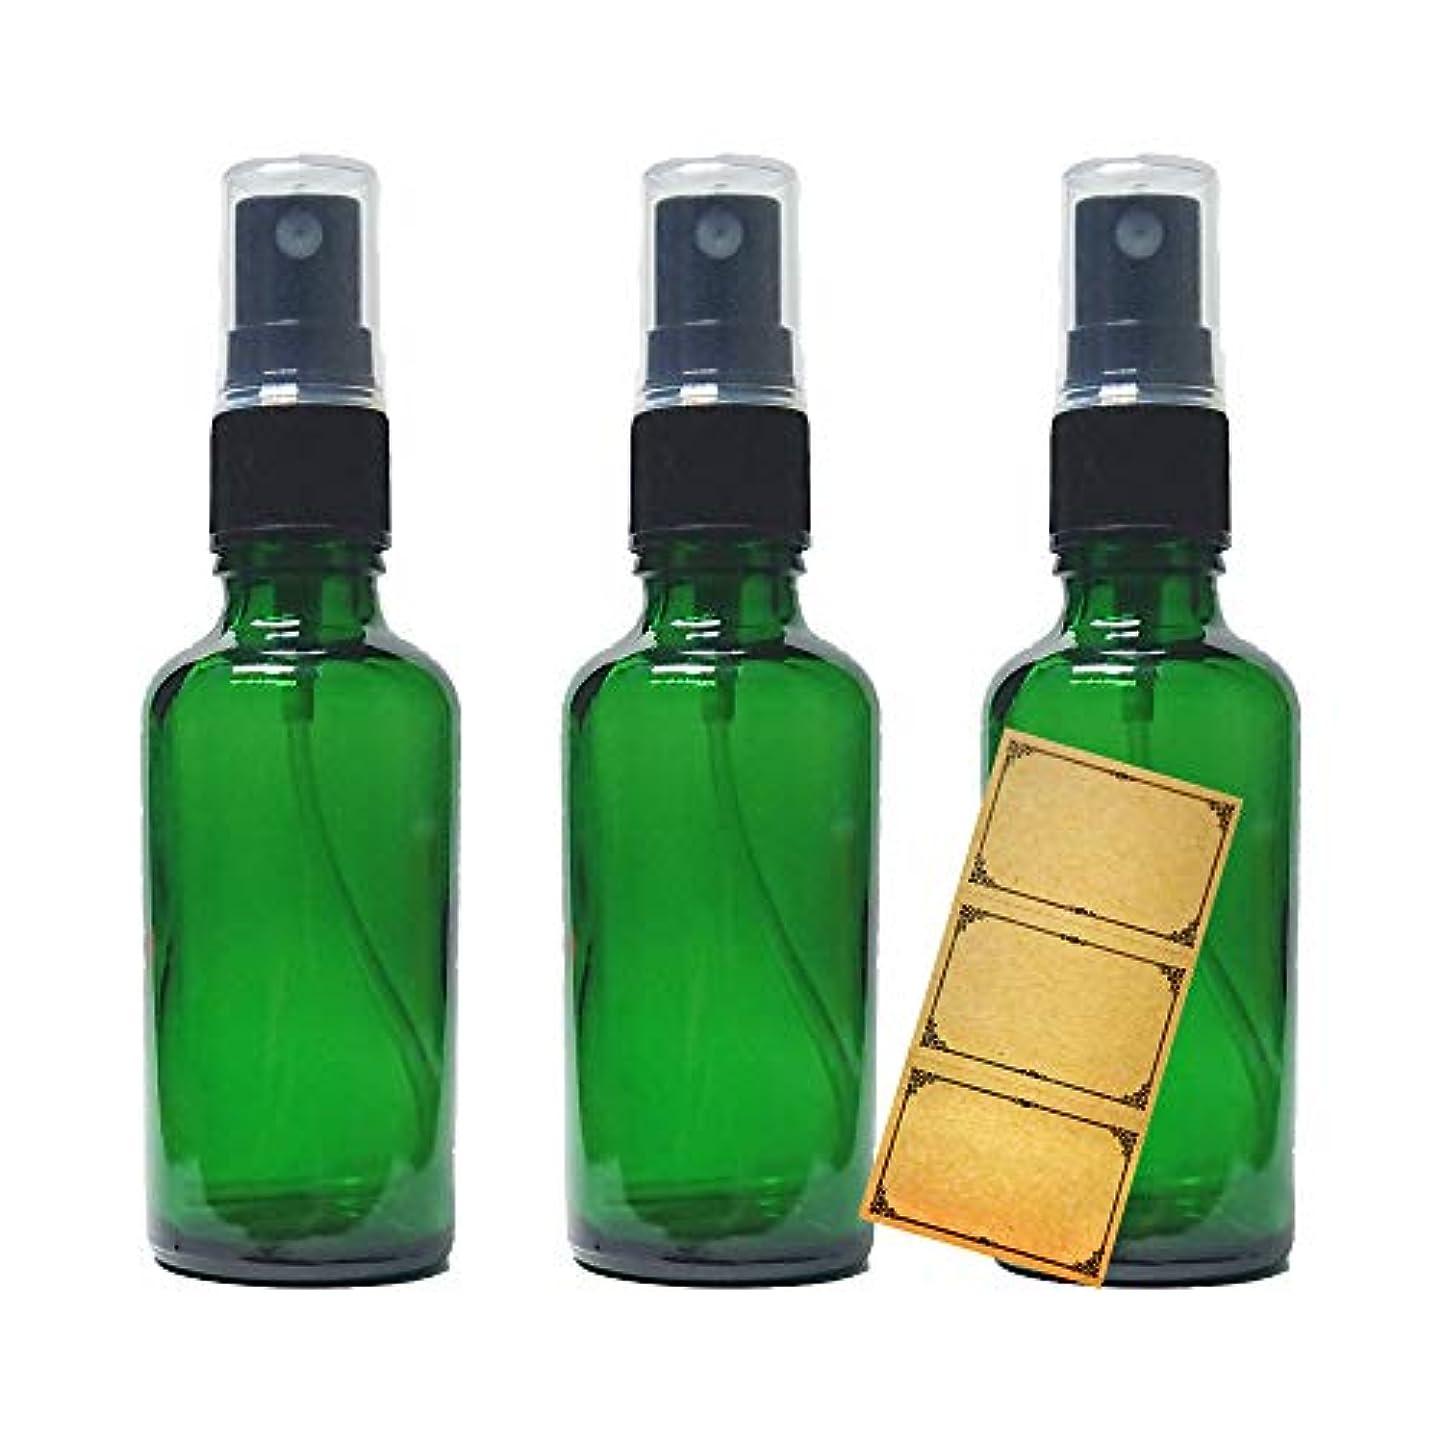 節約するパス思い出させるスプレーボトル 遮光瓶 50ml 3本 緑色 オリジナルラベルシール付き